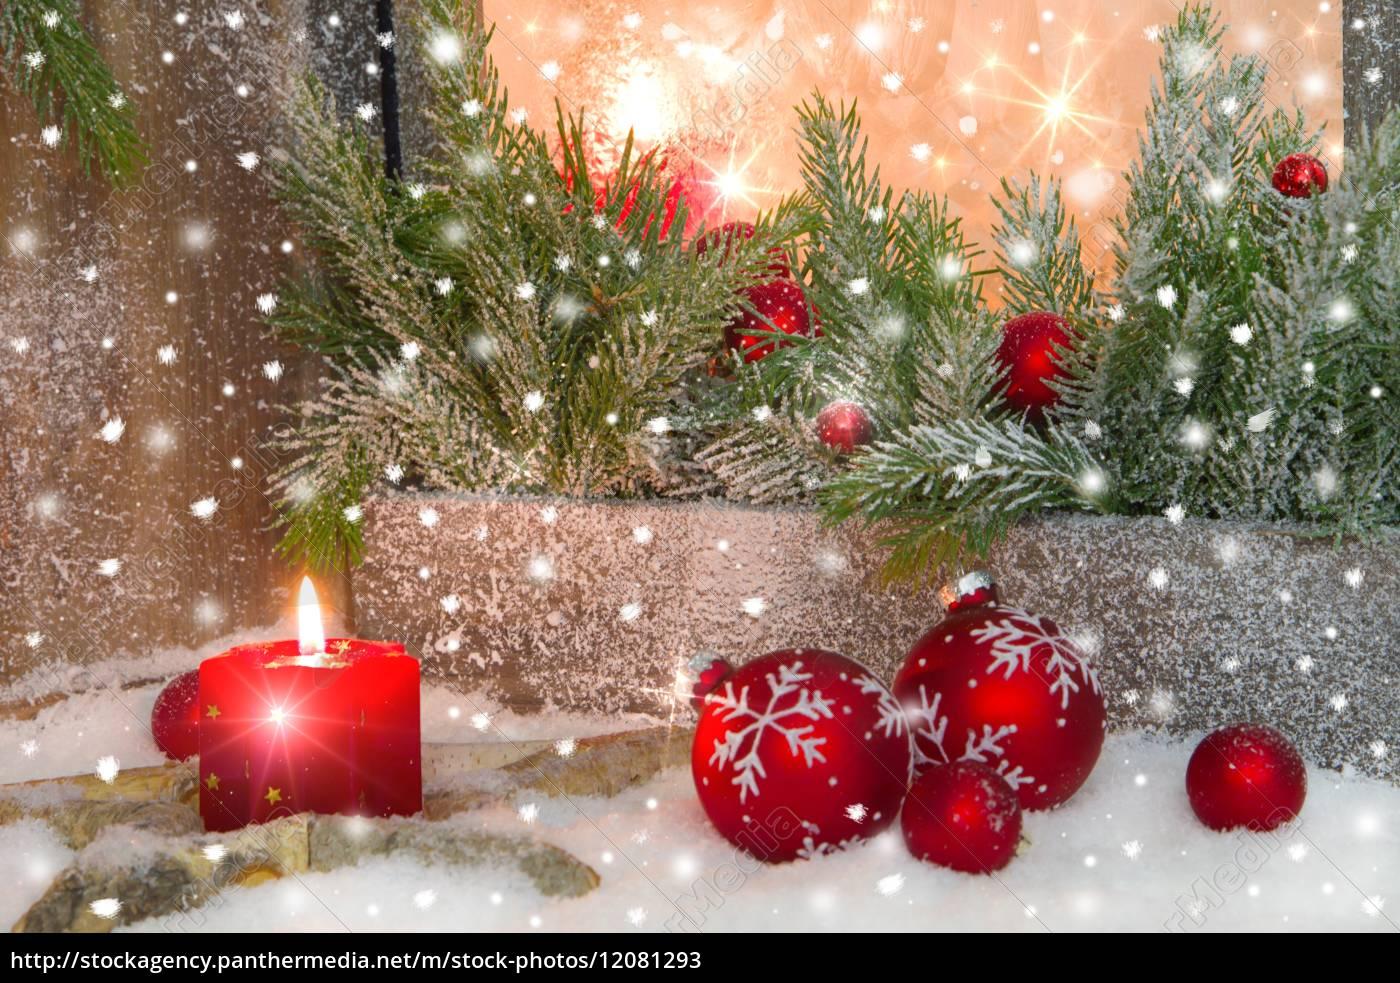 rustikale laterne mit kerzenlicht für weihnachten - - Lizenzfreies ...